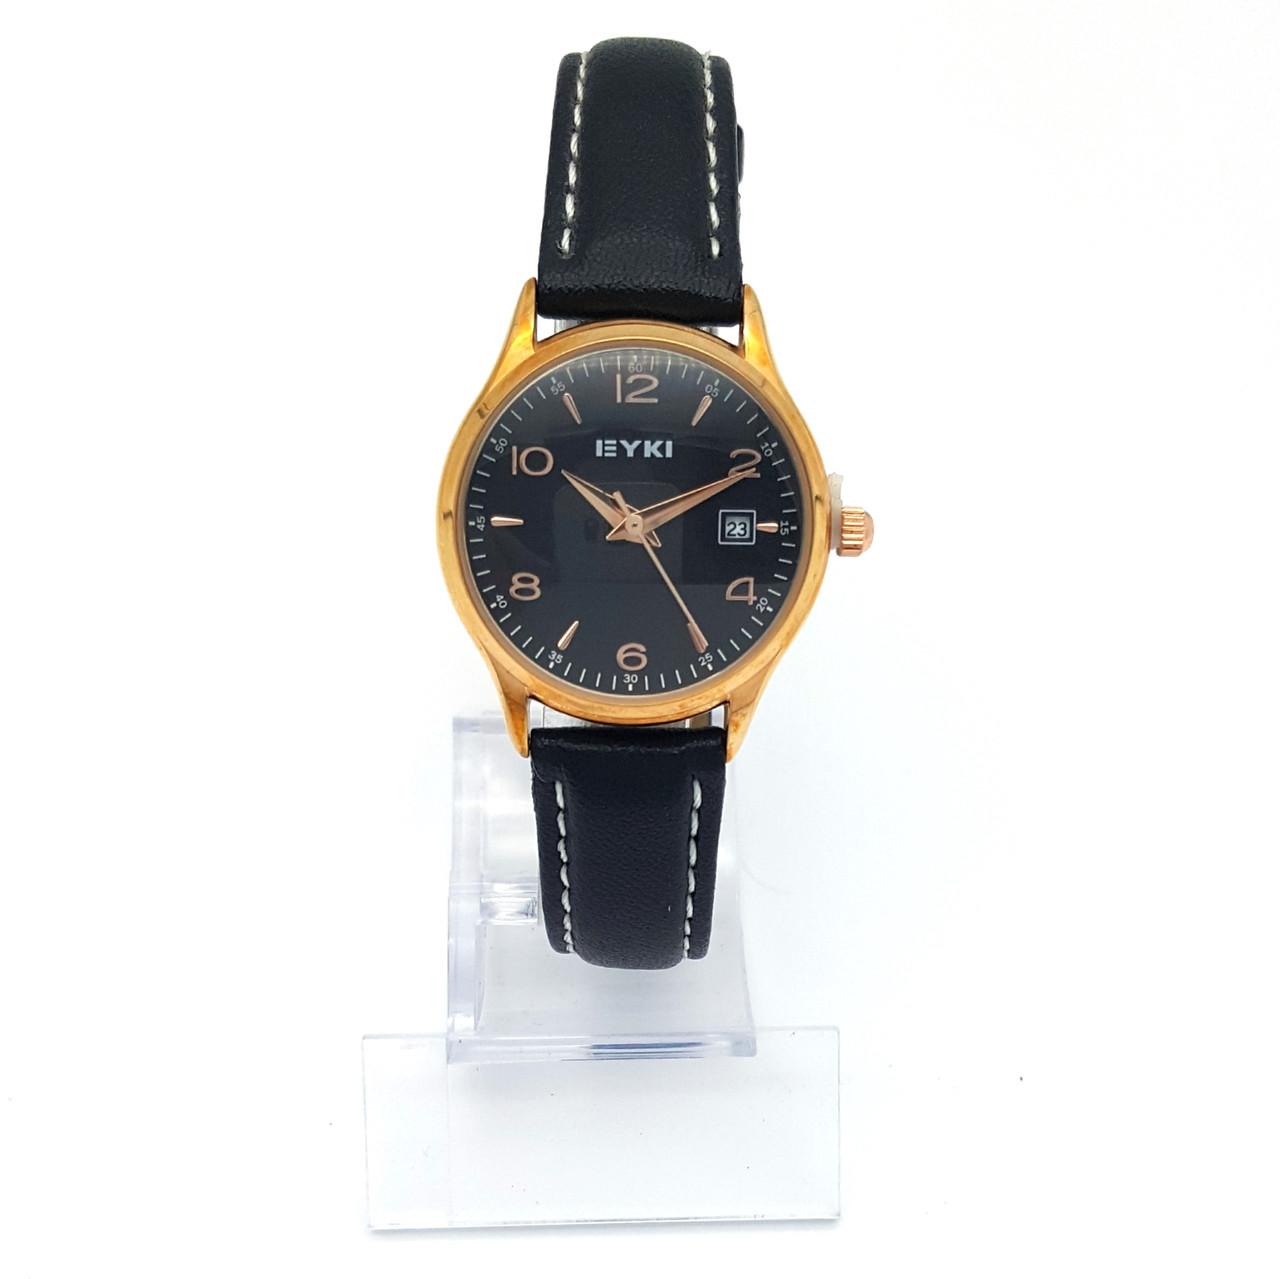 Часы EYKI под золото, на черном ремешке, длина 14,5-19см, циферблат 28мм